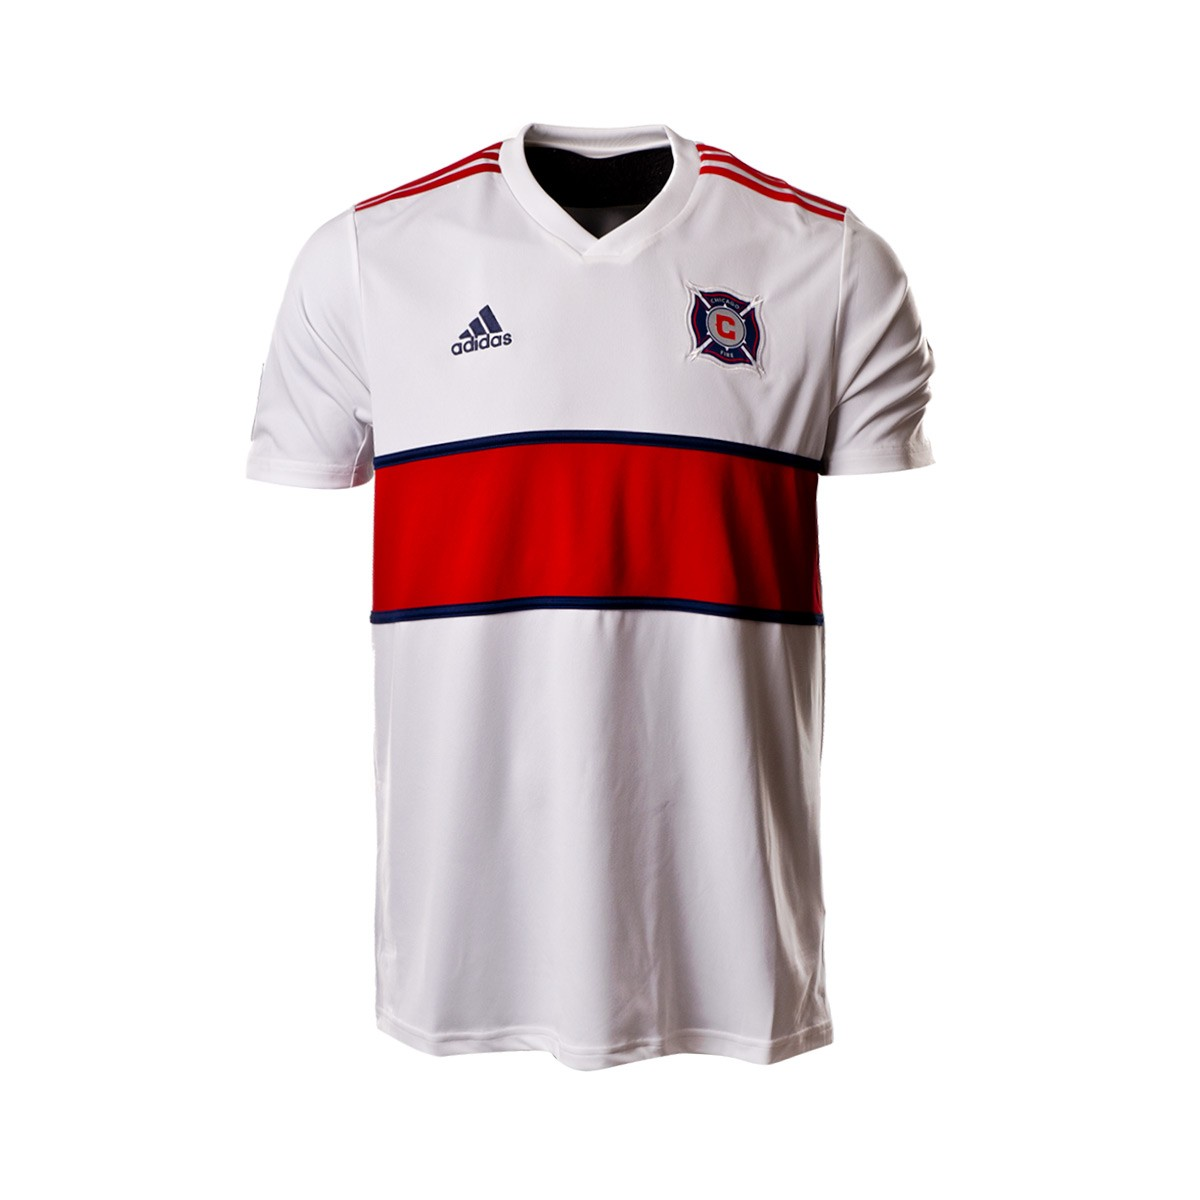 buy online 60eb2 a1a79 Camiseta Chicago Fire Segunda Equipación 2018-2019 White